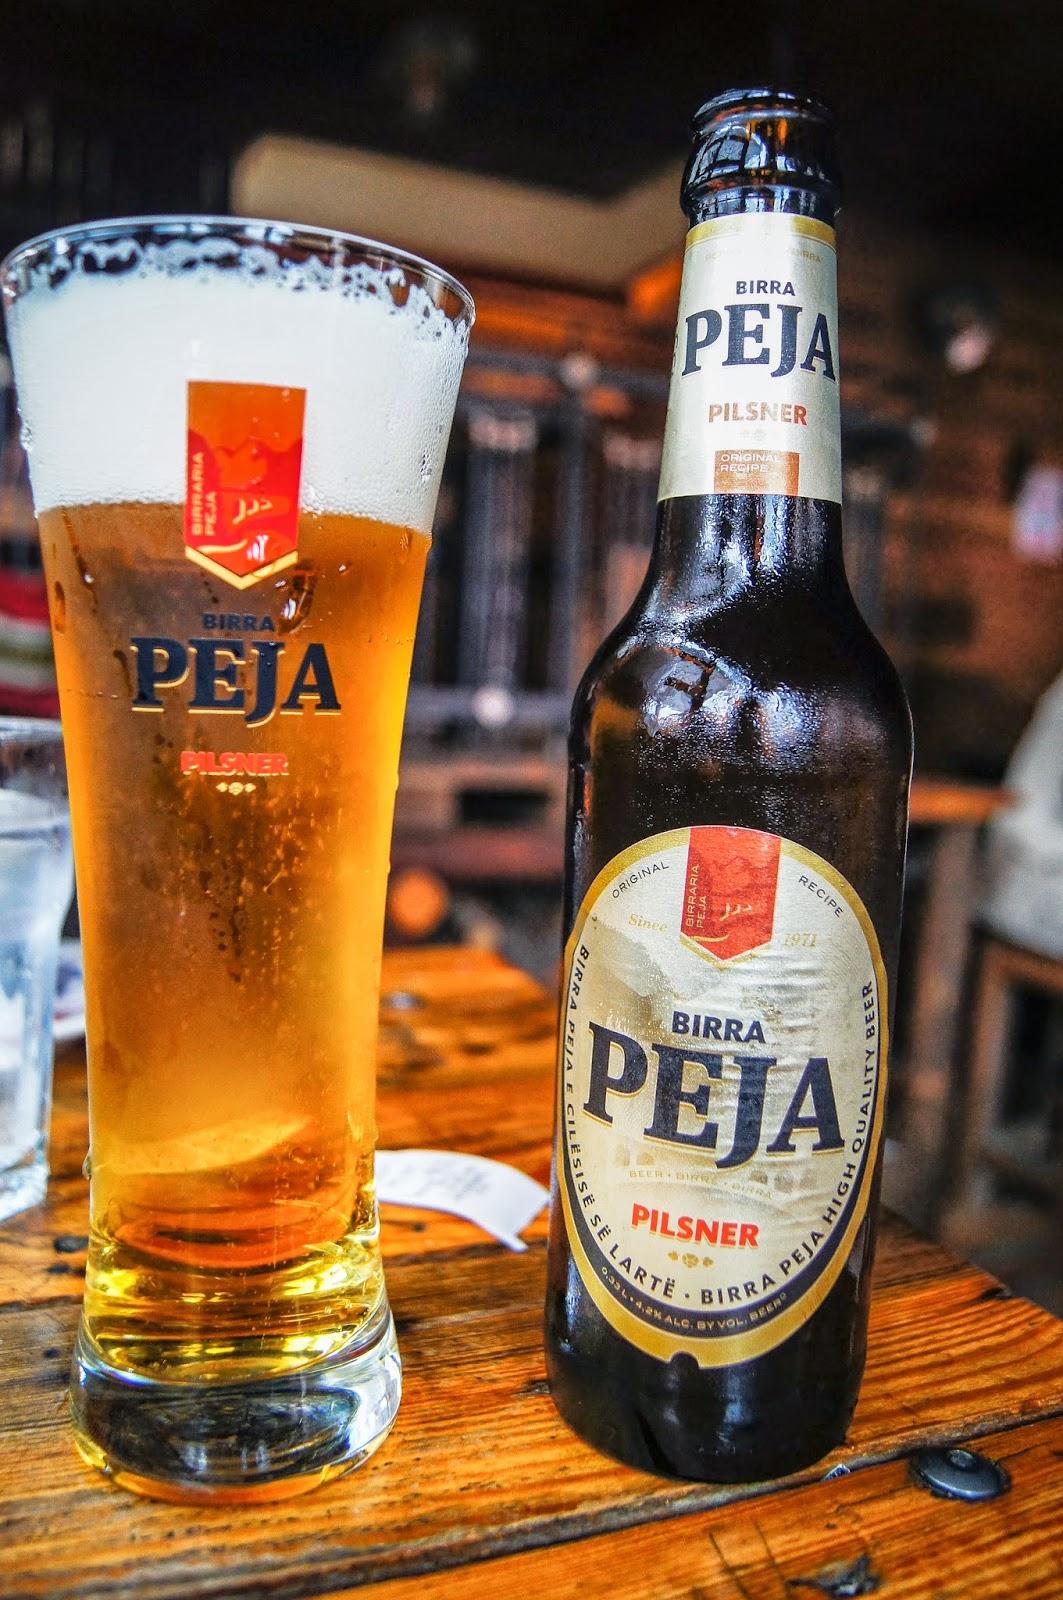 peja beer